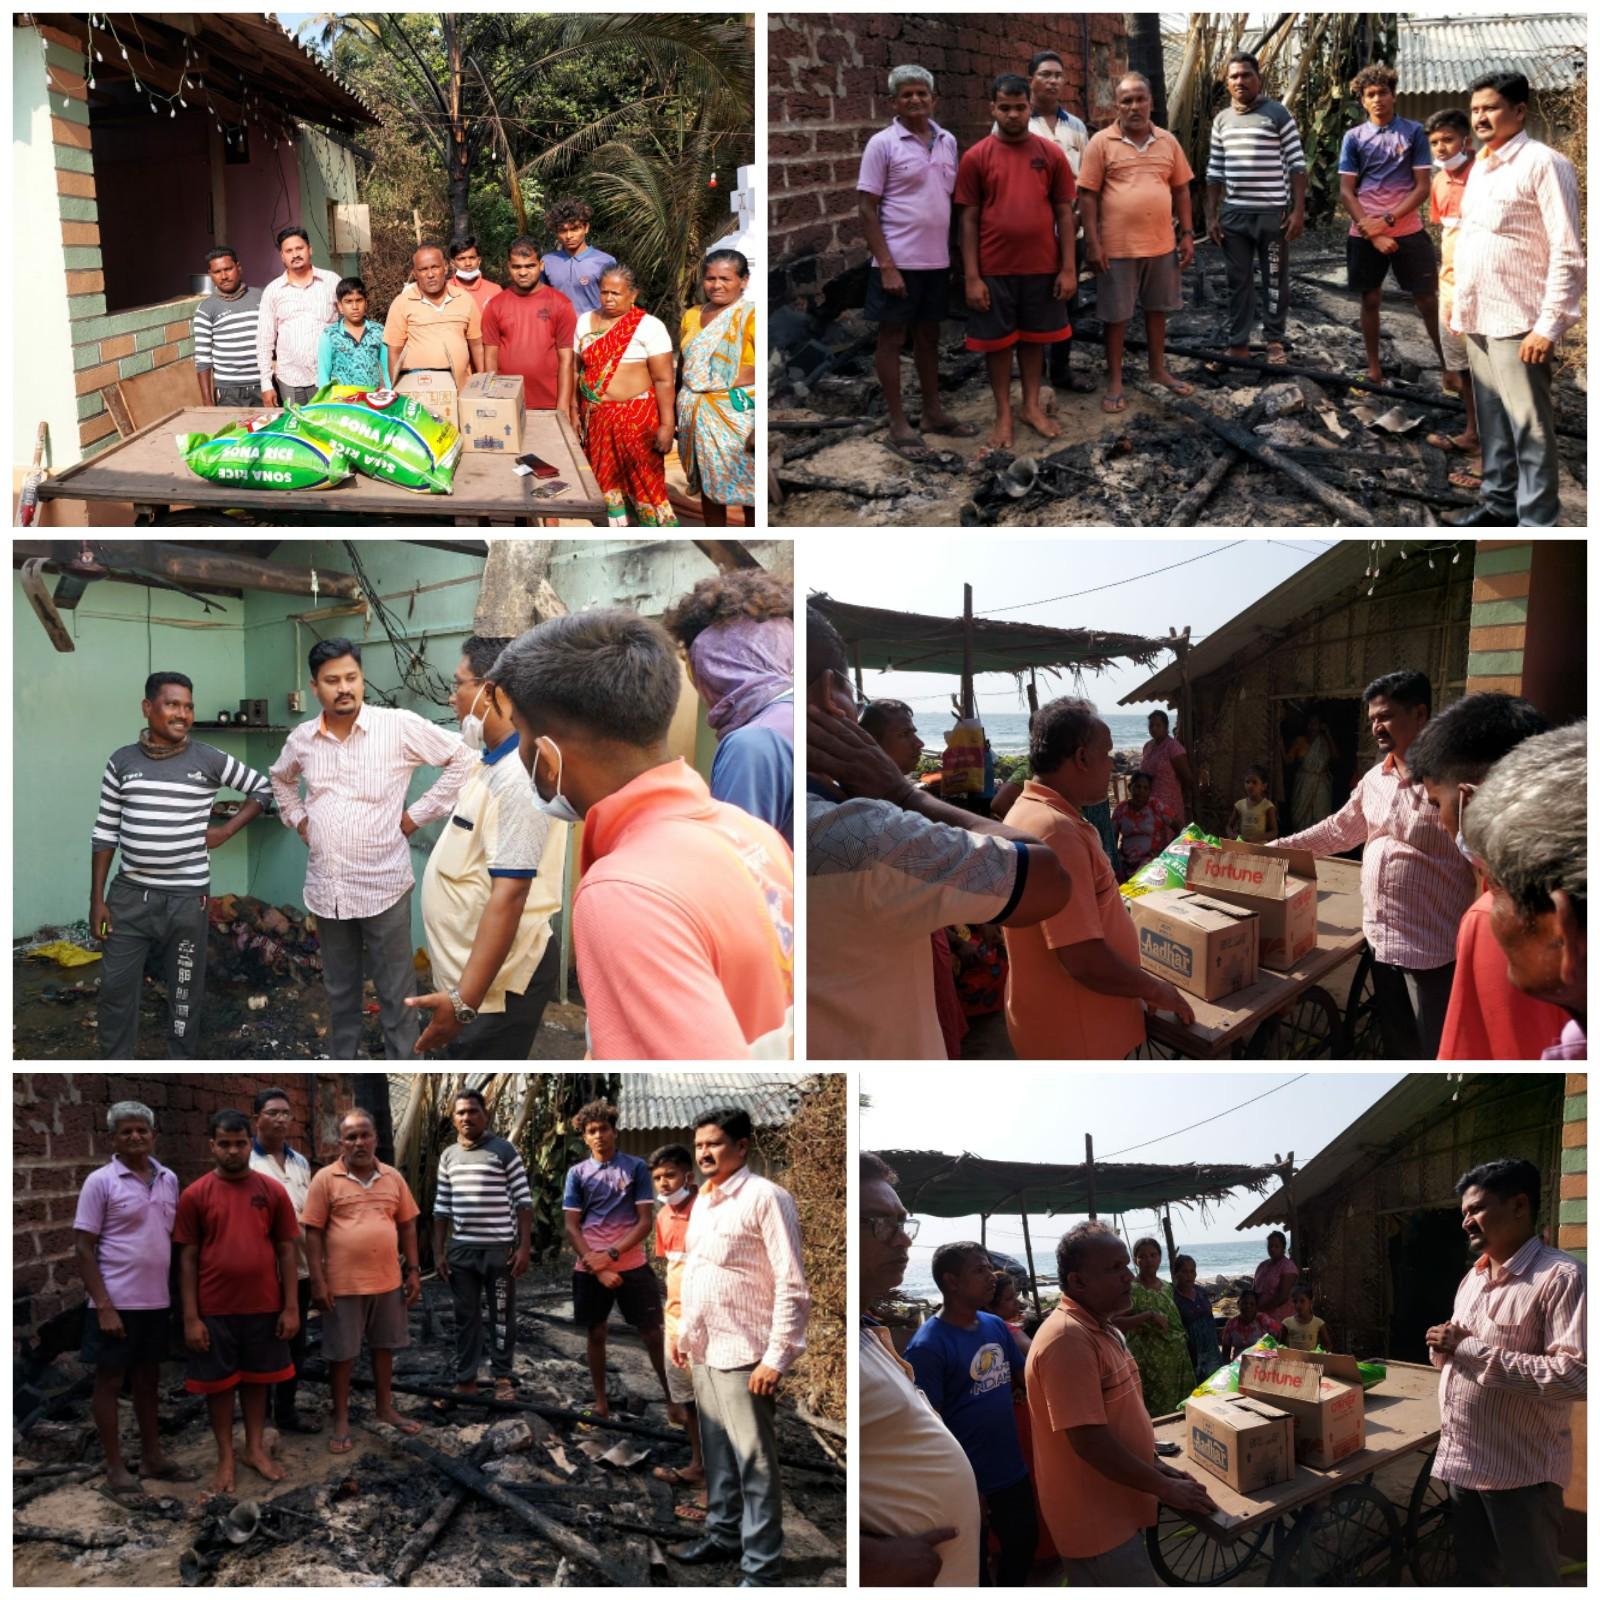 देवबाग येथील जळीत घराच्या कुटुंबासाठी मनसे नेते परशुराम उपरकर यांची मदत